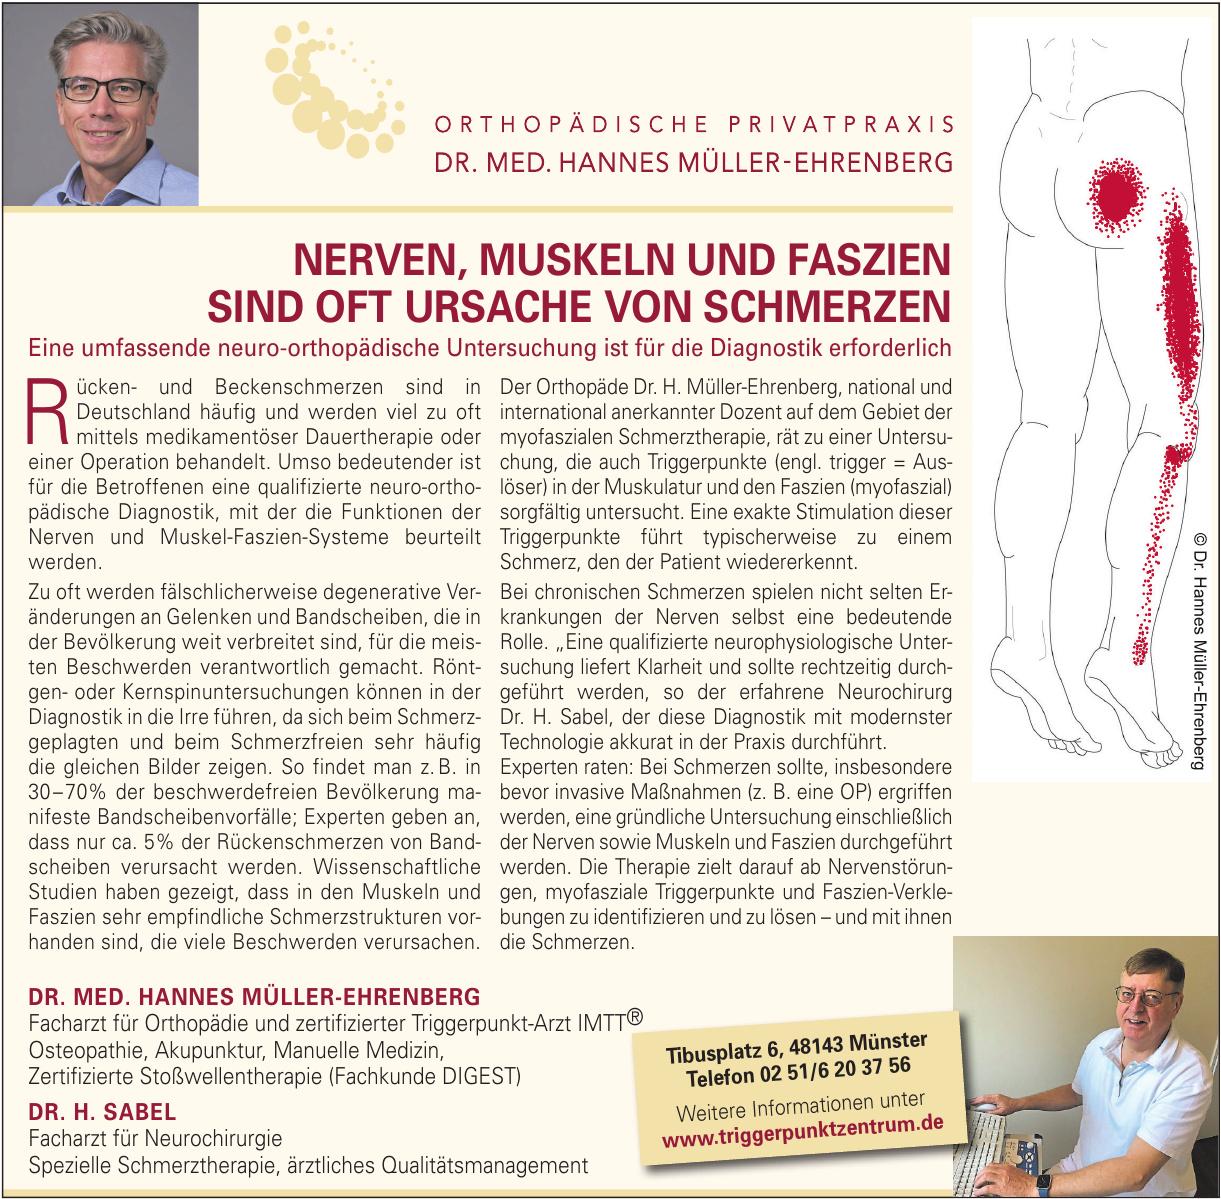 Orthopädische Privatpraxis Dr. med. Hannes Müller-Ehrenberg